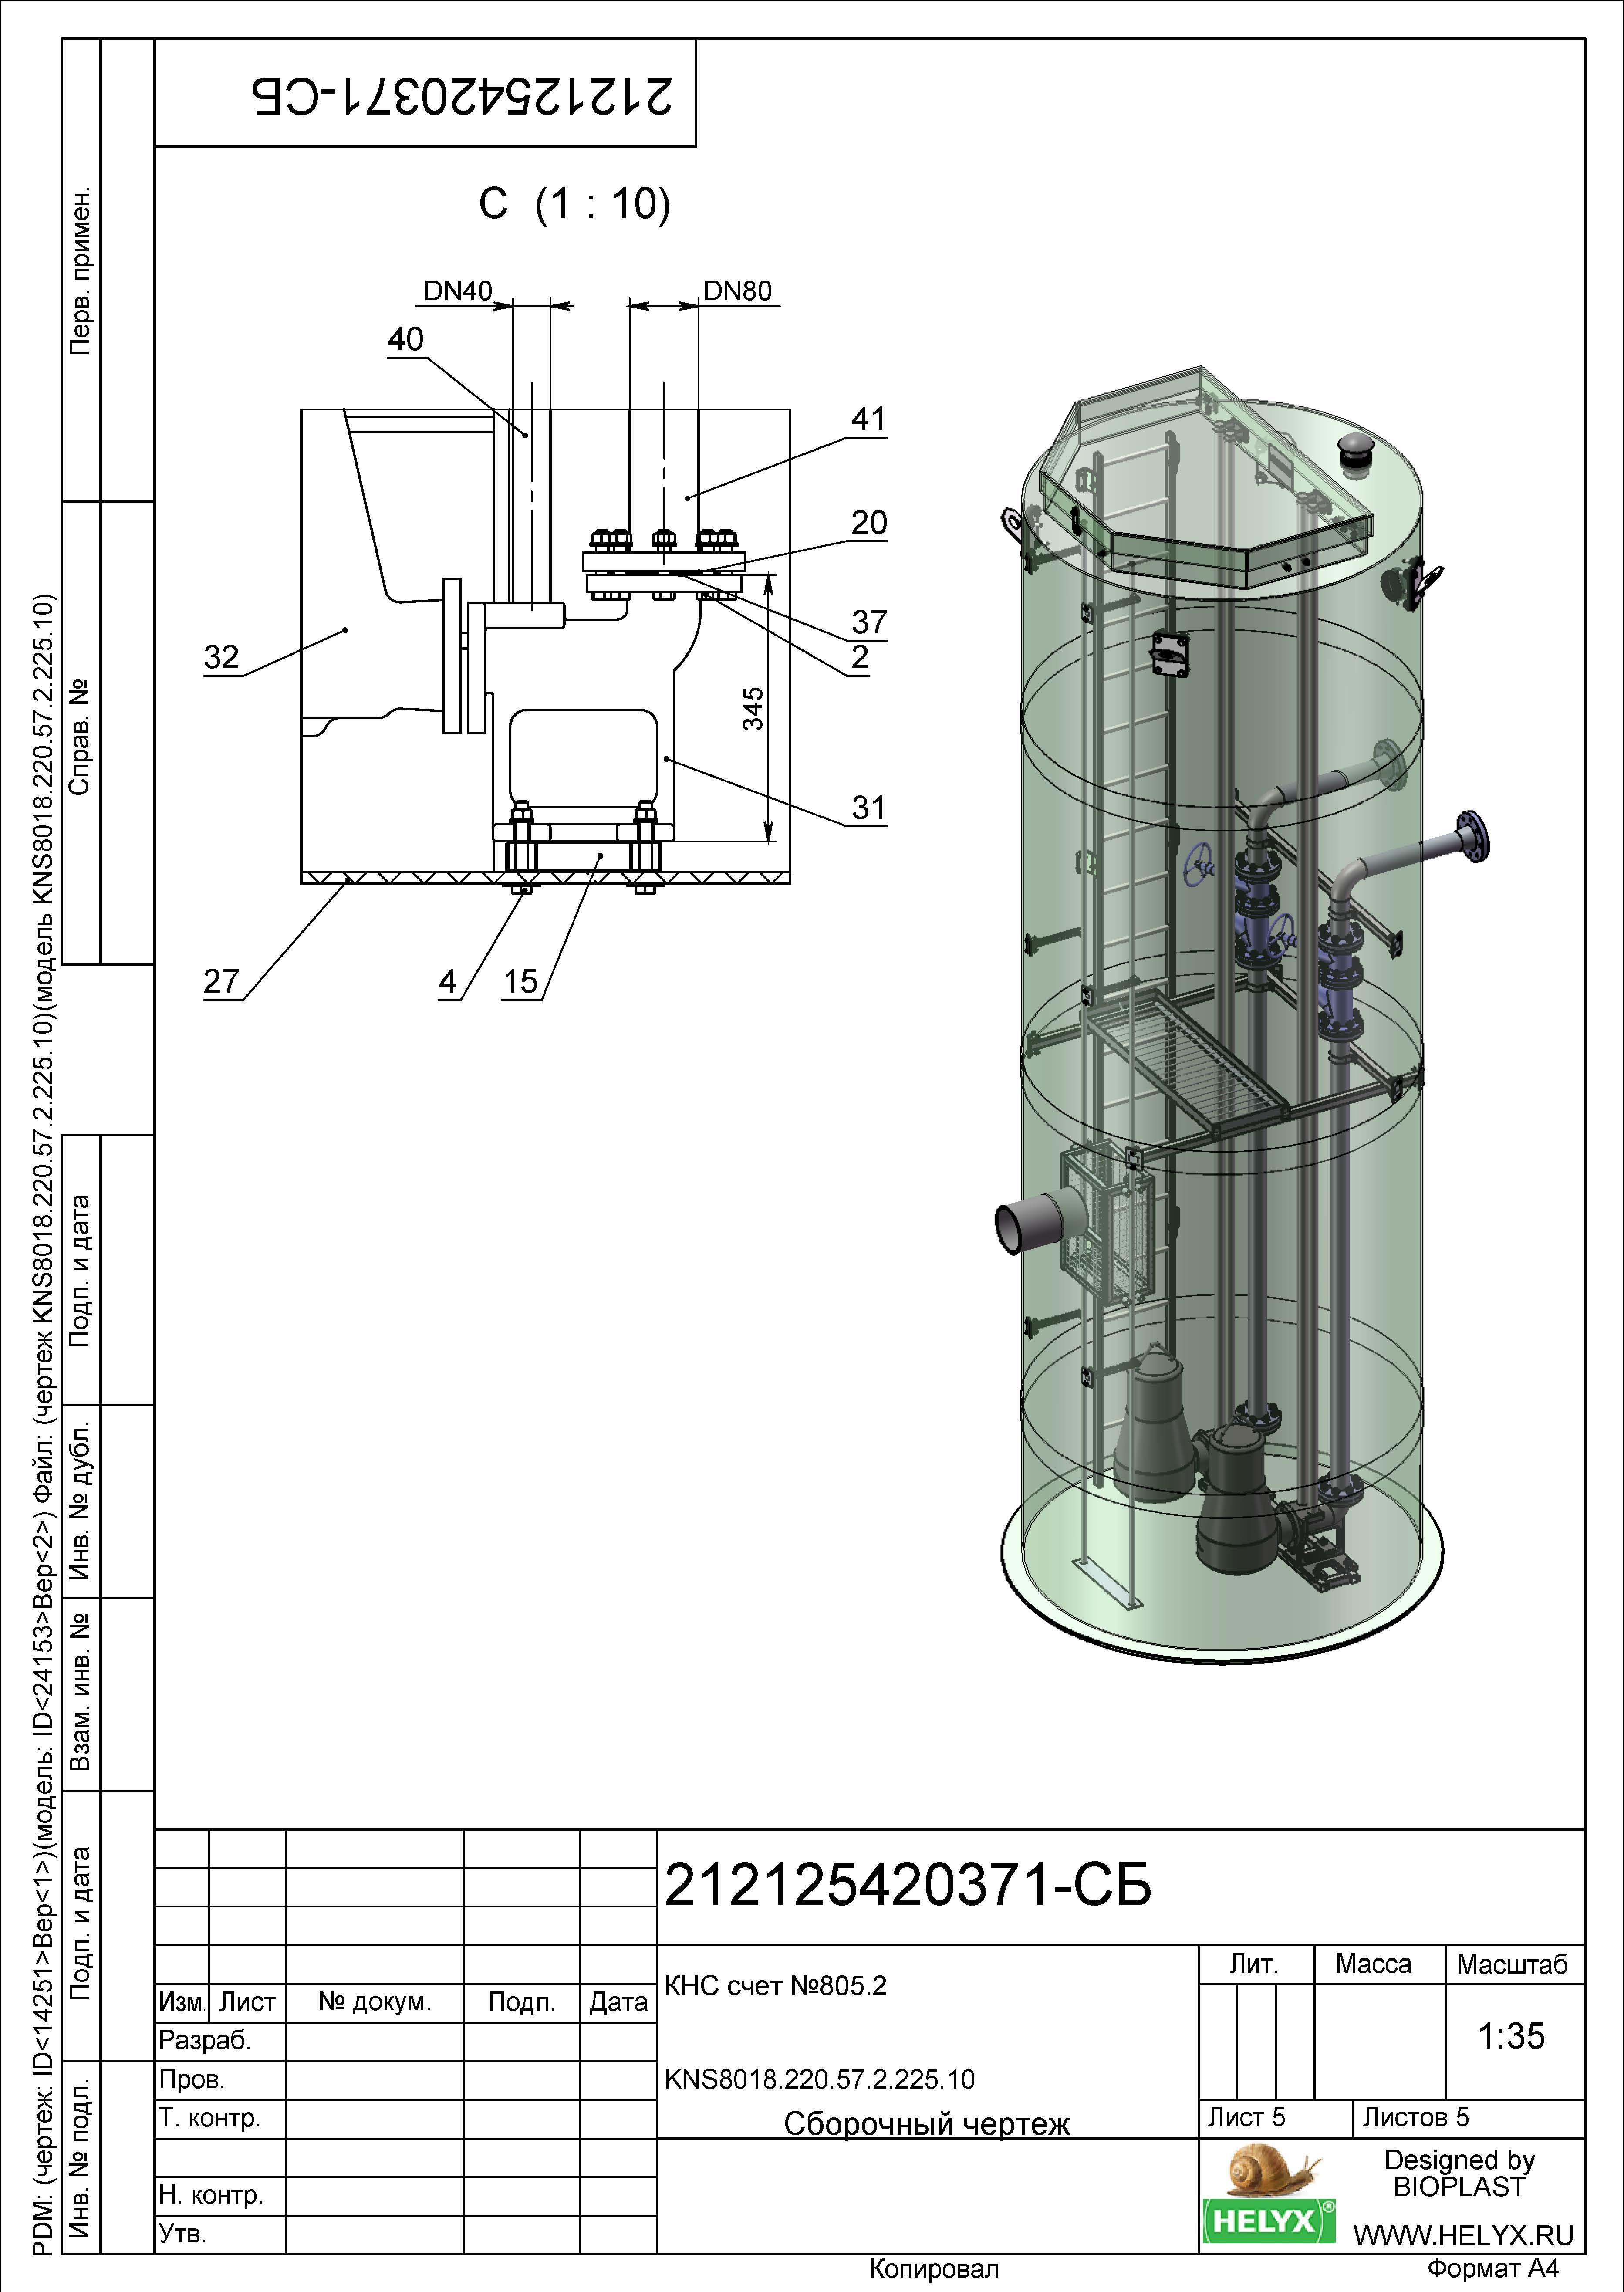 схема установки трубной обвязки кнс